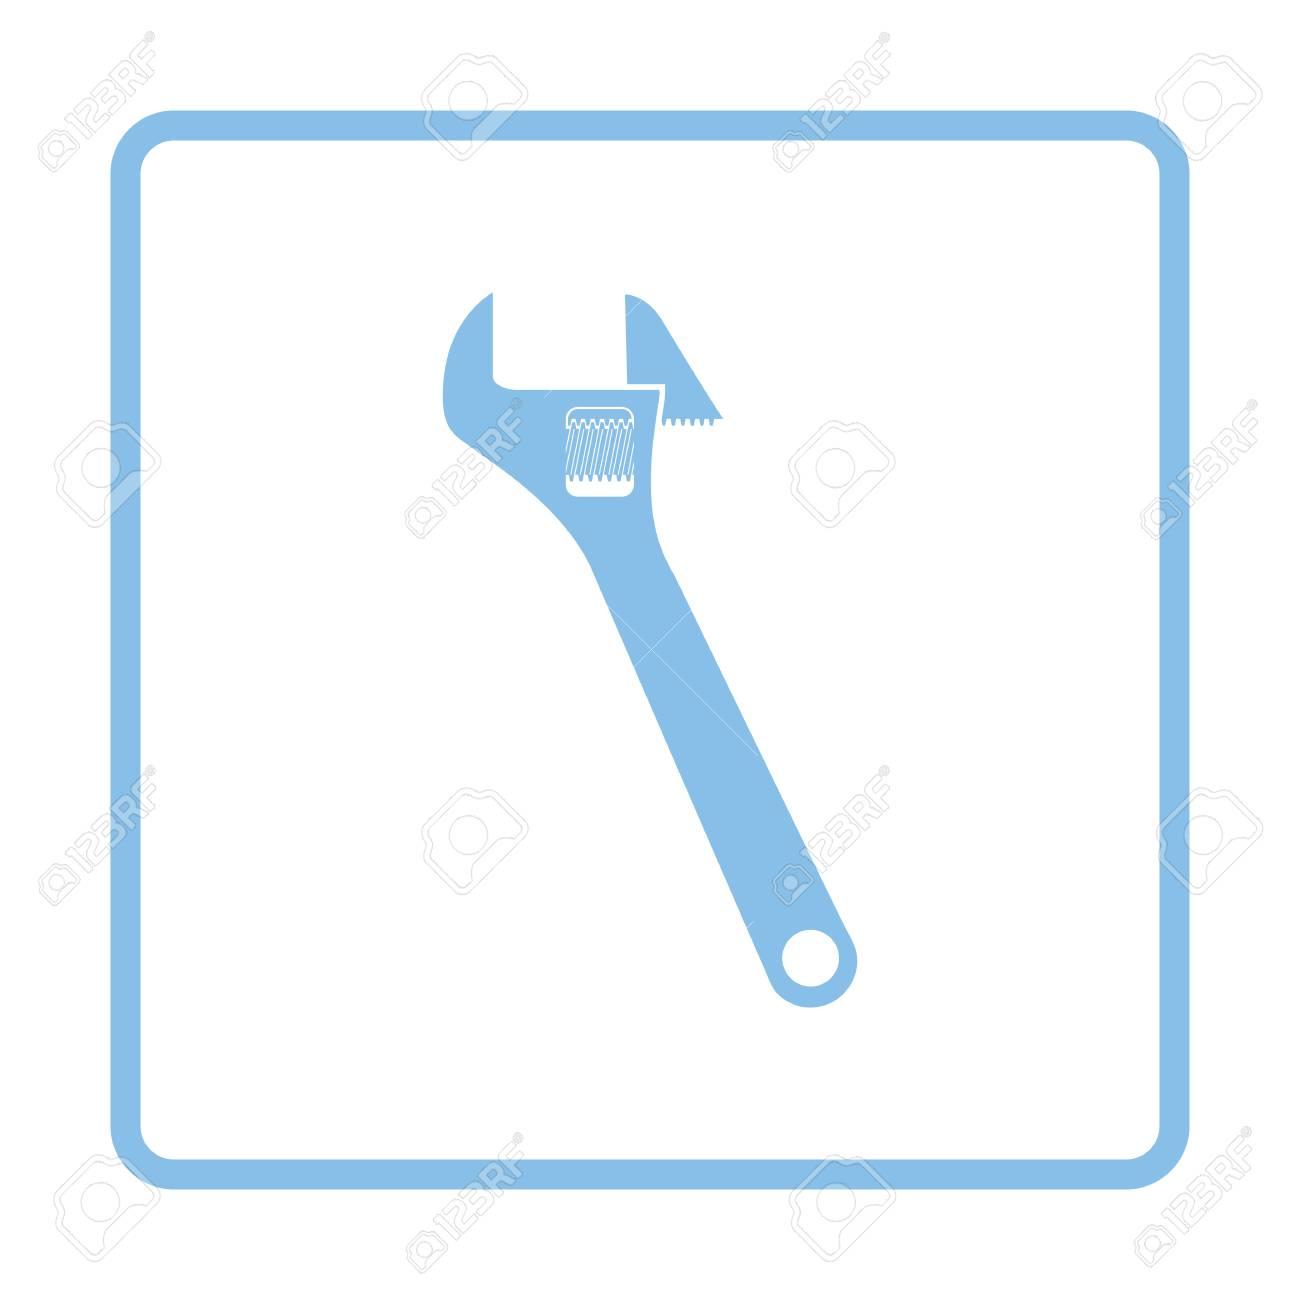 Icono De Llave Inglesa Ajustable. Diseño Del Marco Azul. Ilustración ...